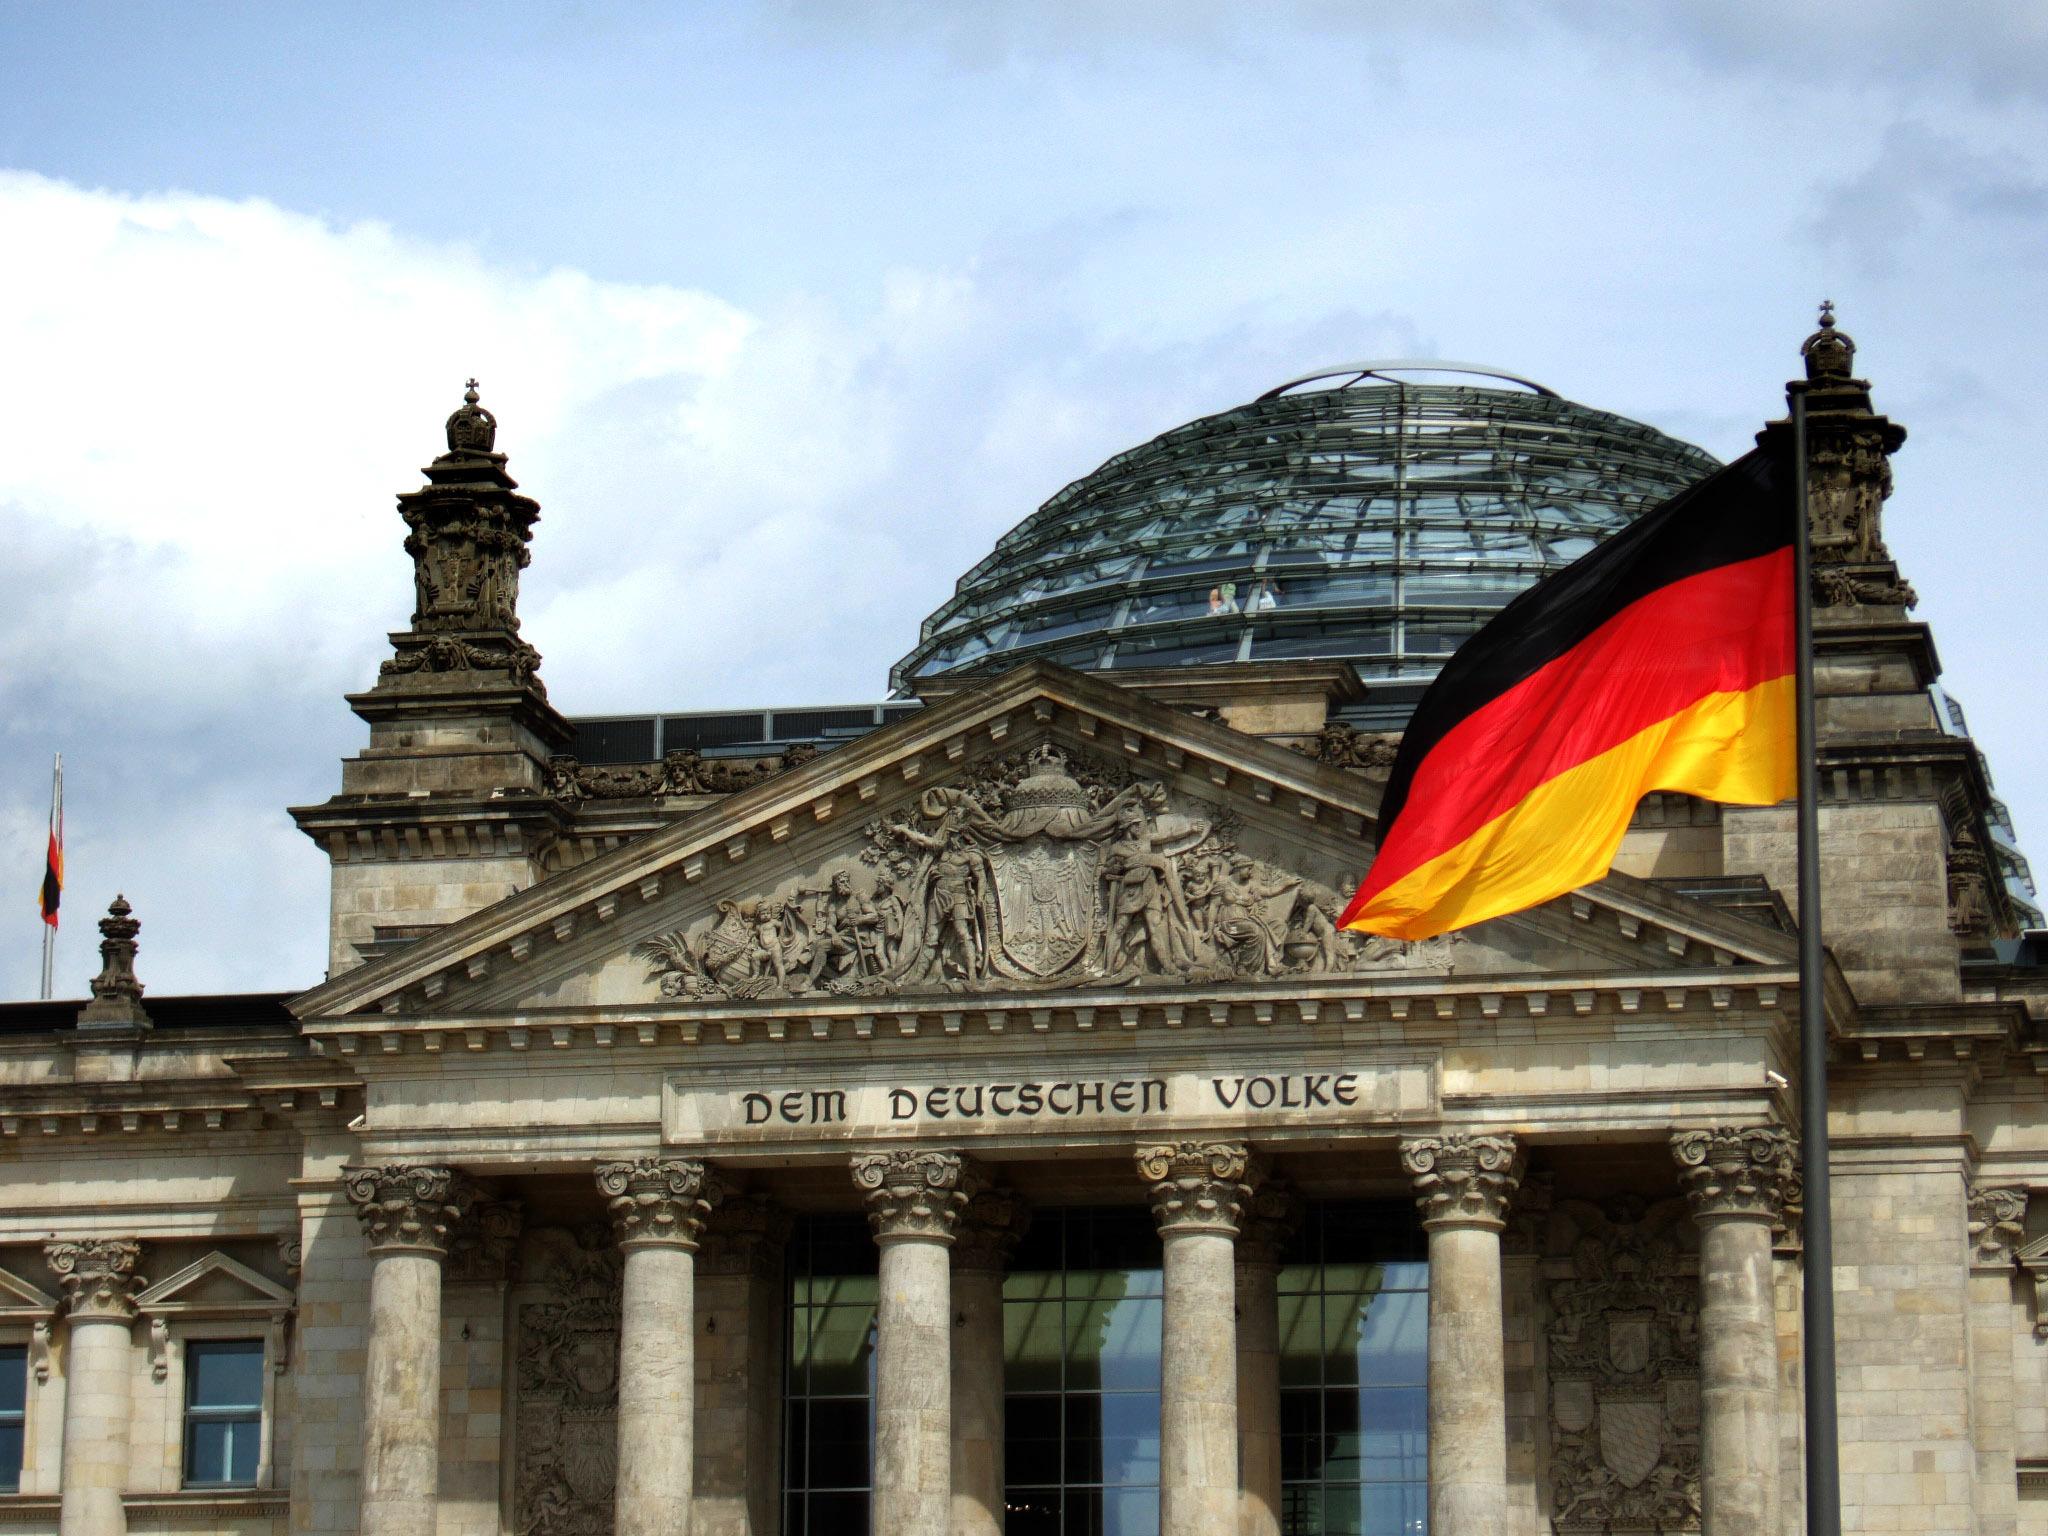 Historischer Tagungsort des Bundestags: das Reichstagsgebäude im Zentrum Berlins